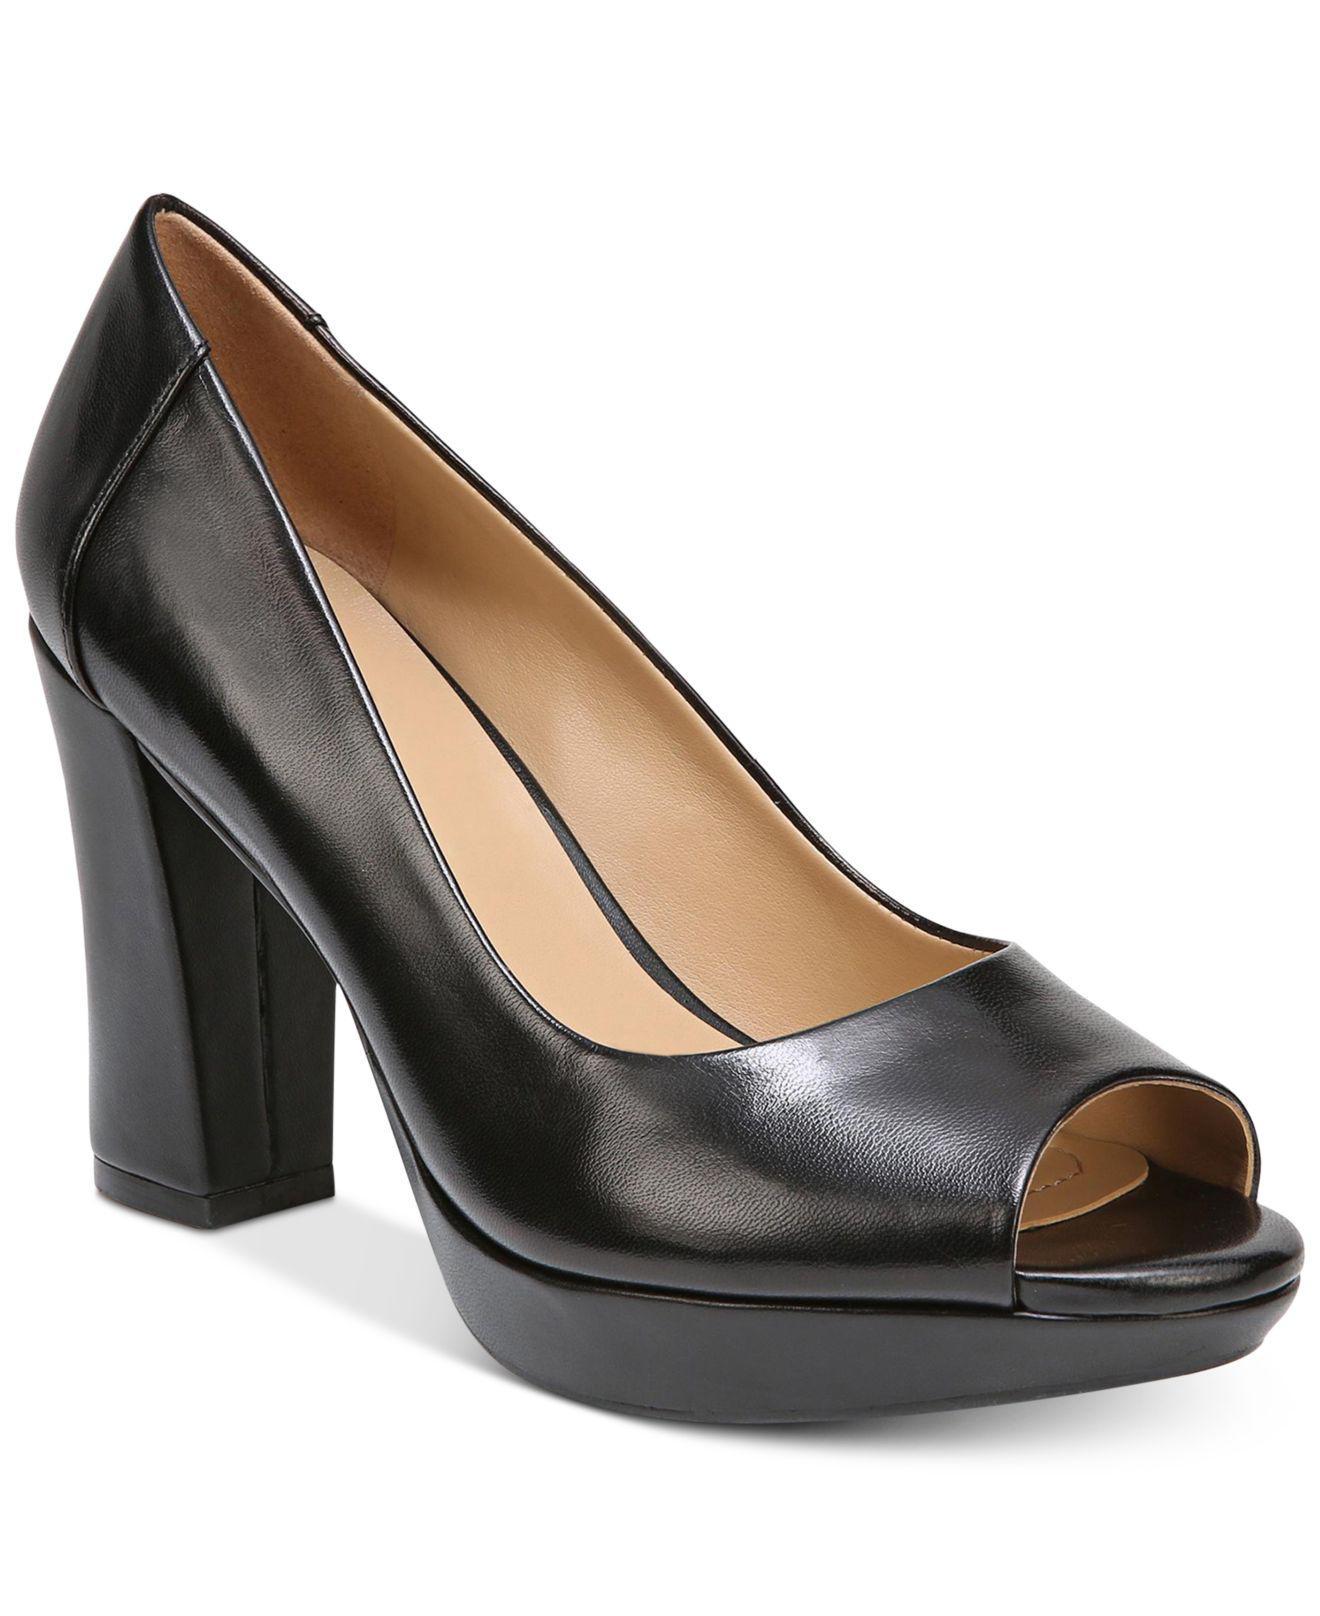 naturalizer open toe heels